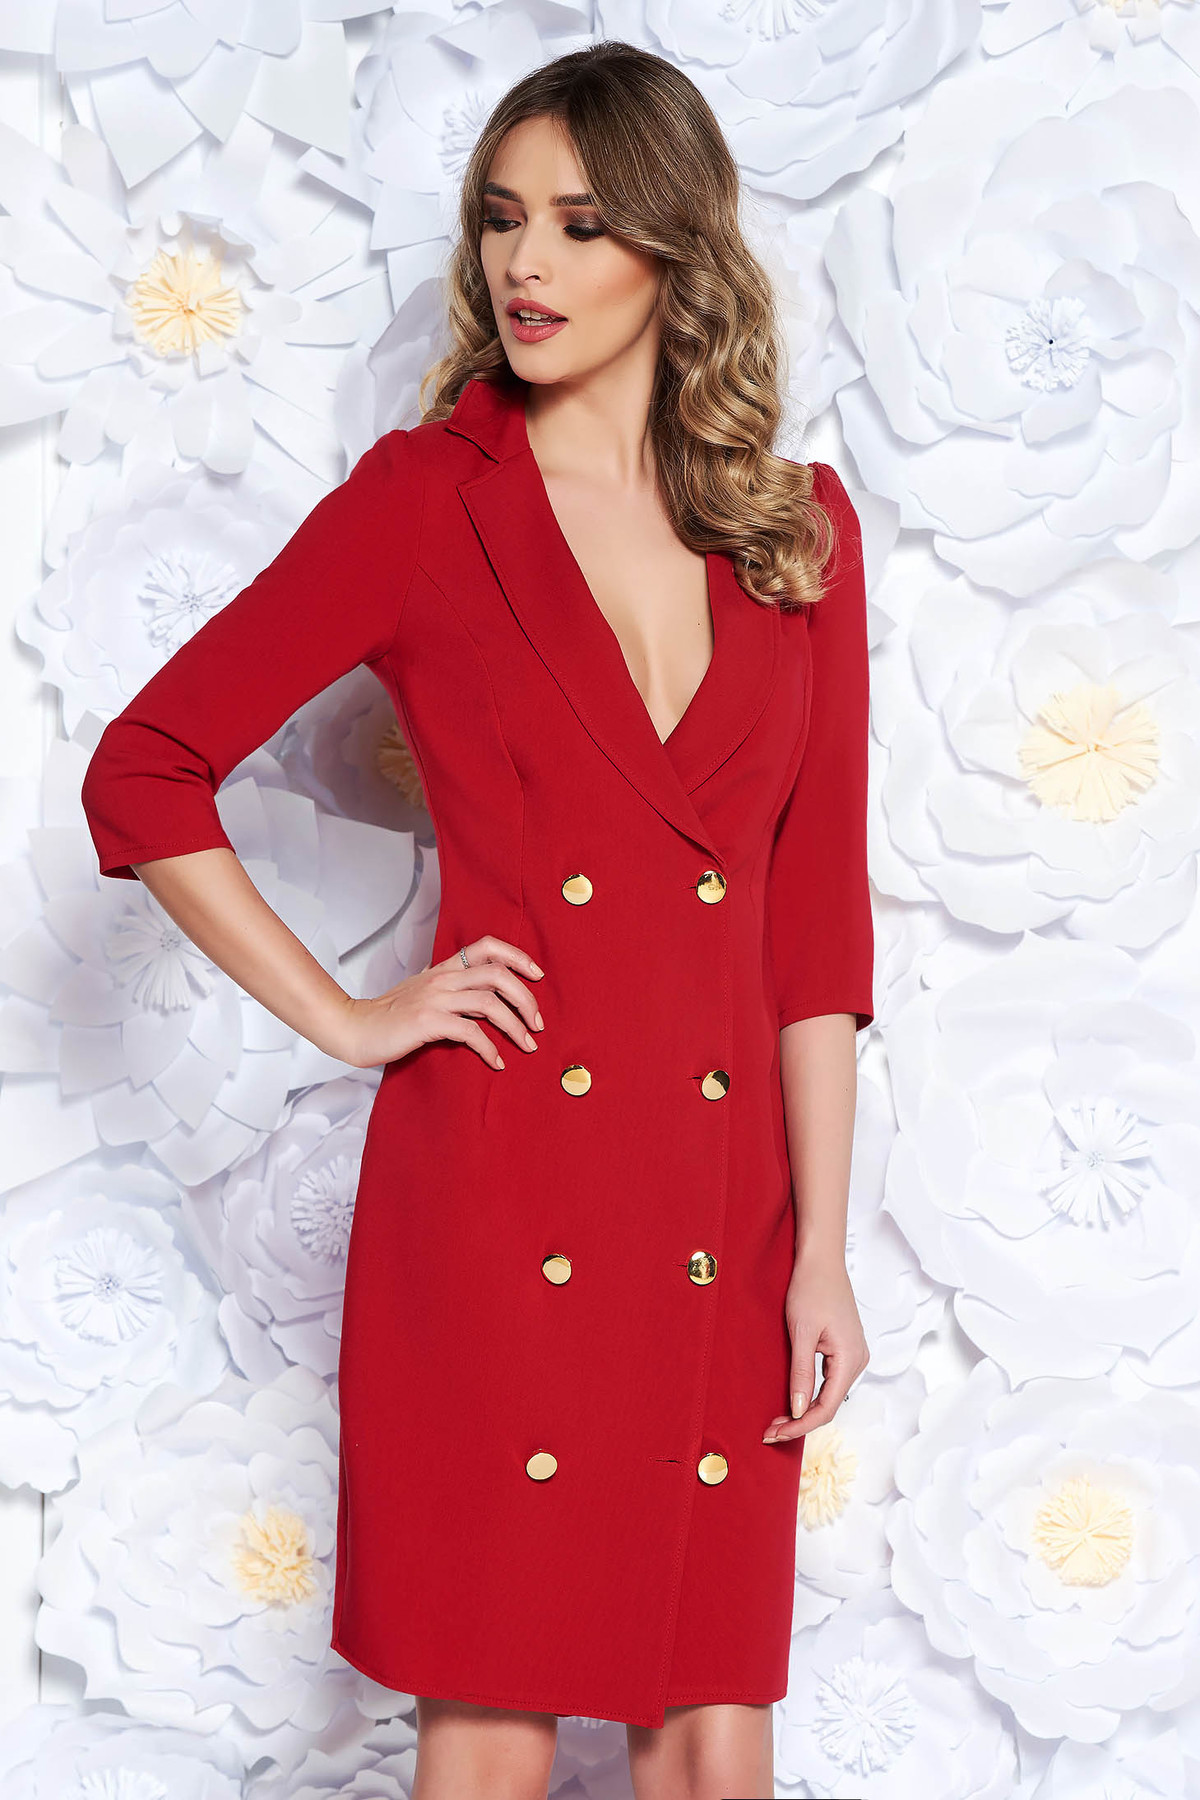 Rochie Artista rosie eleganta petrecuta tip sacou din stofa usor elastica accesorizata cu nasturi